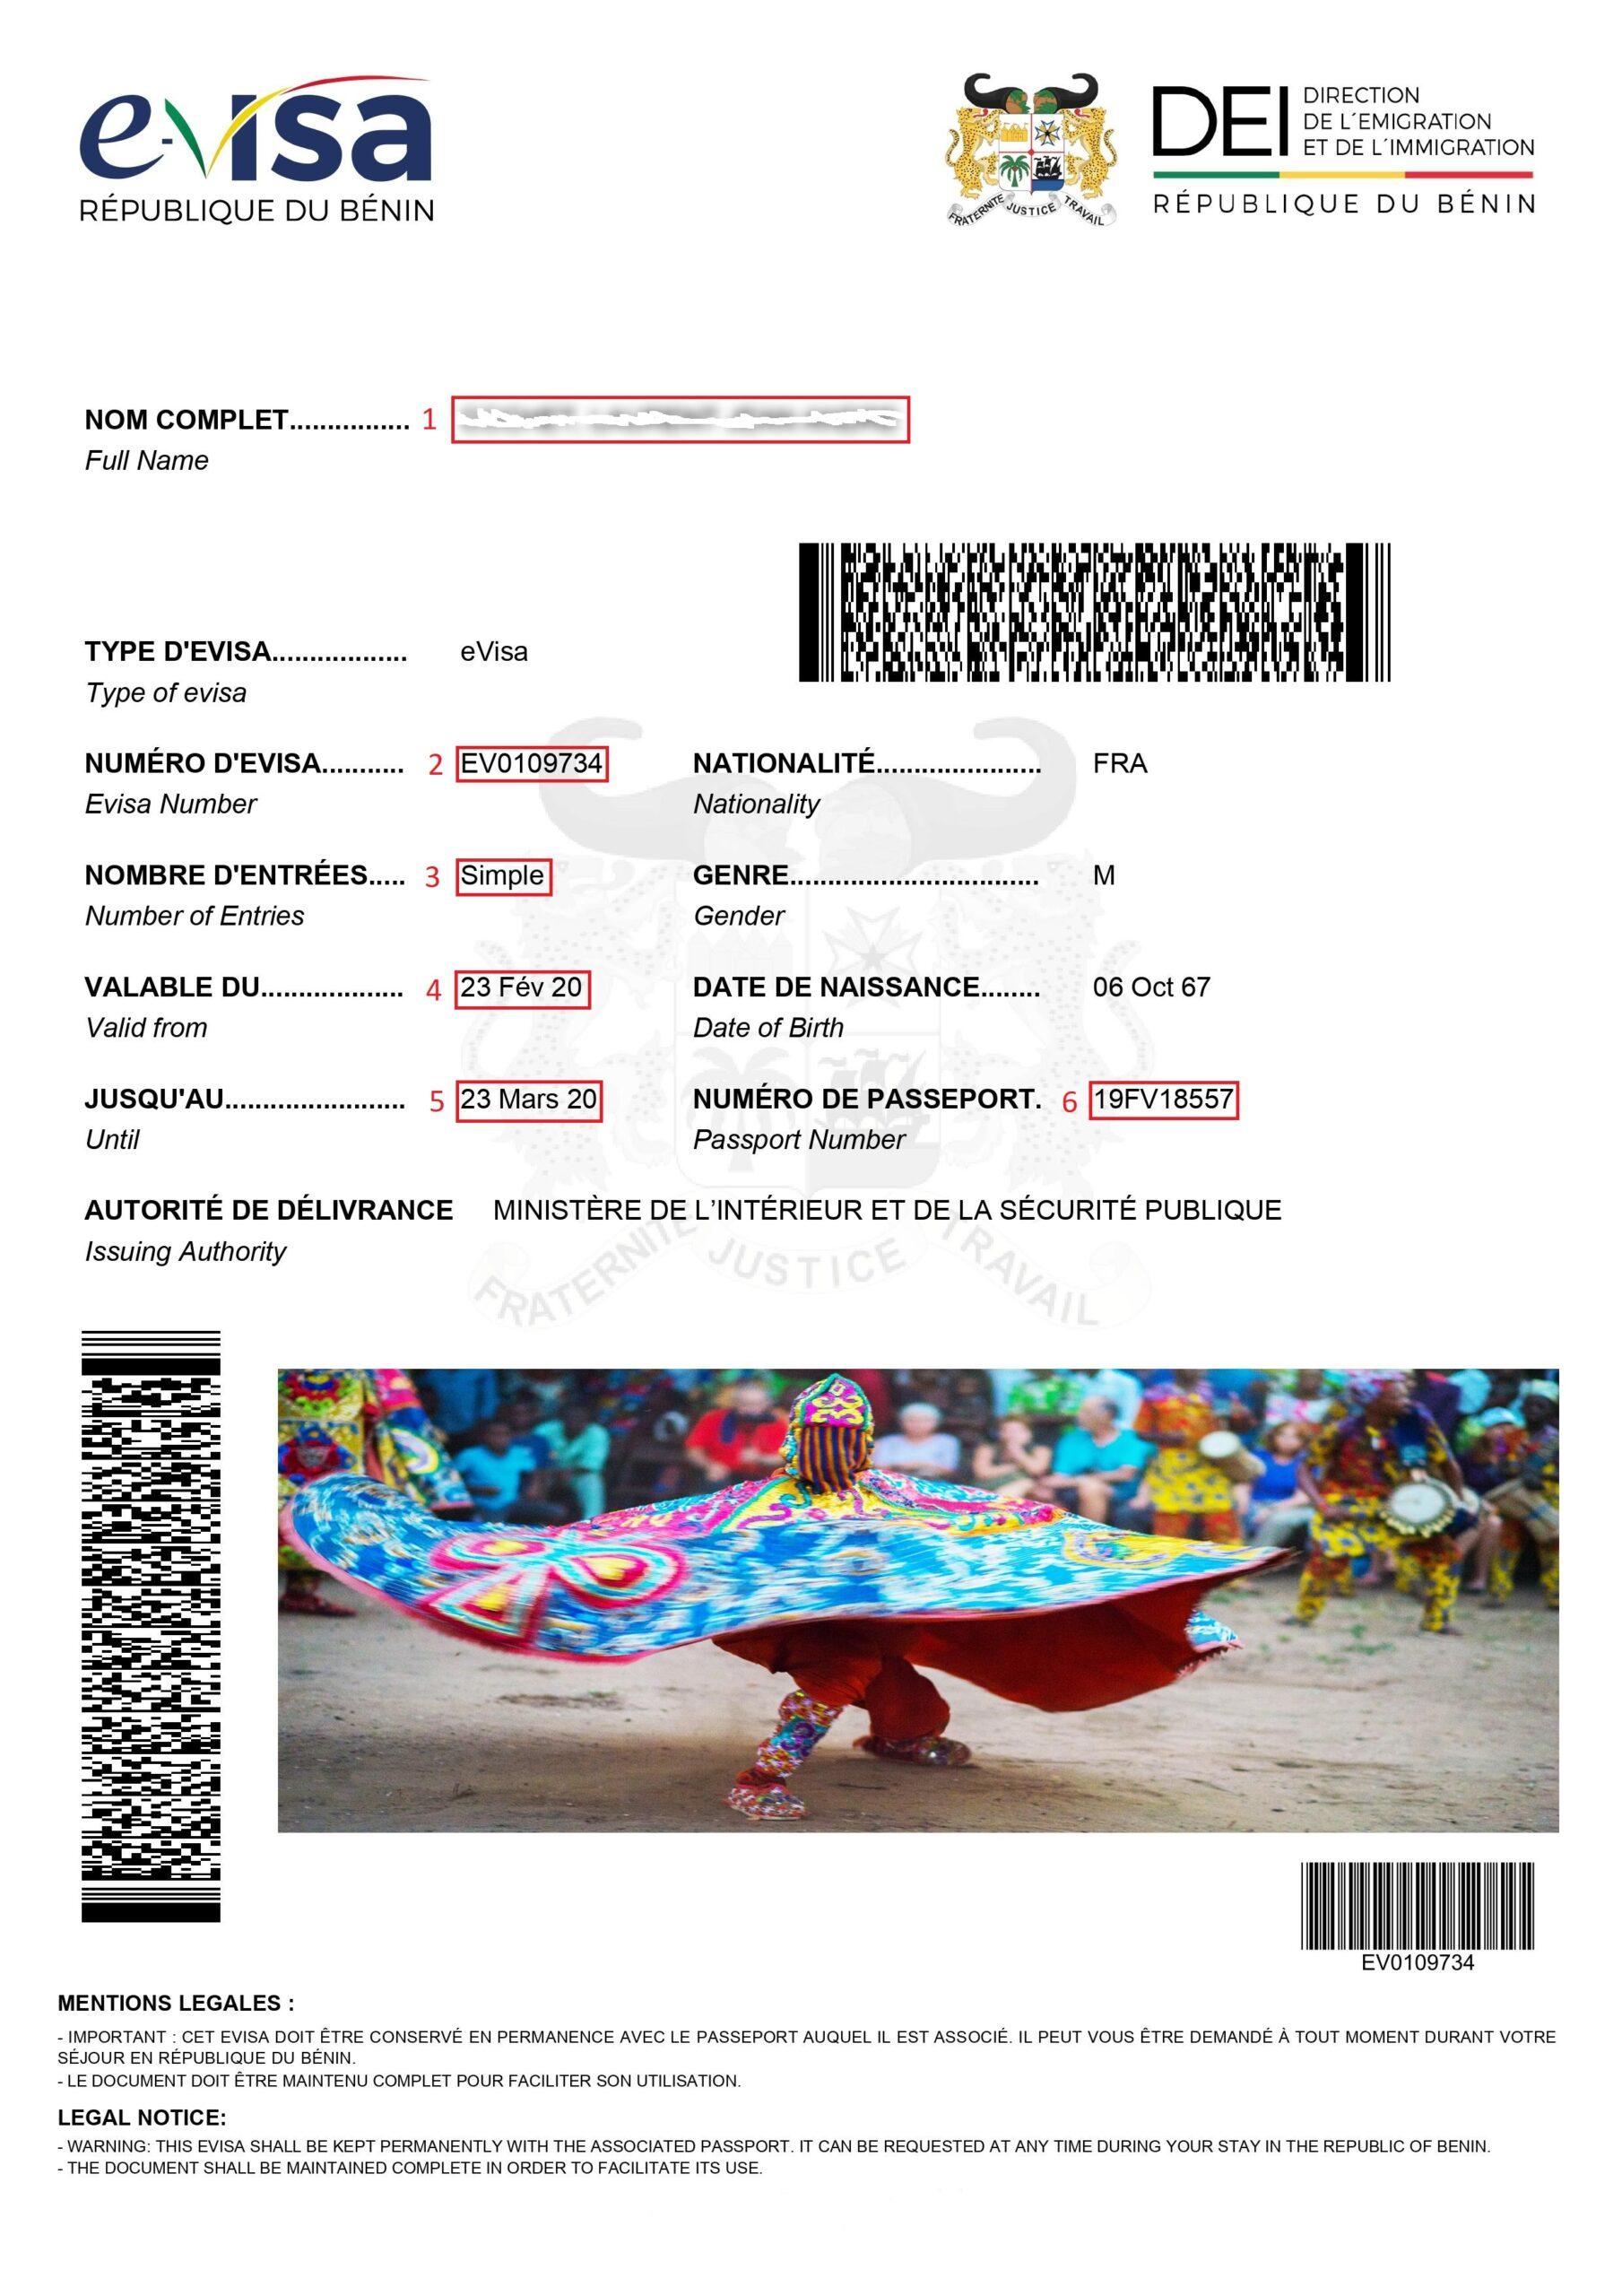 Exemple visa pour eVisa Bénin